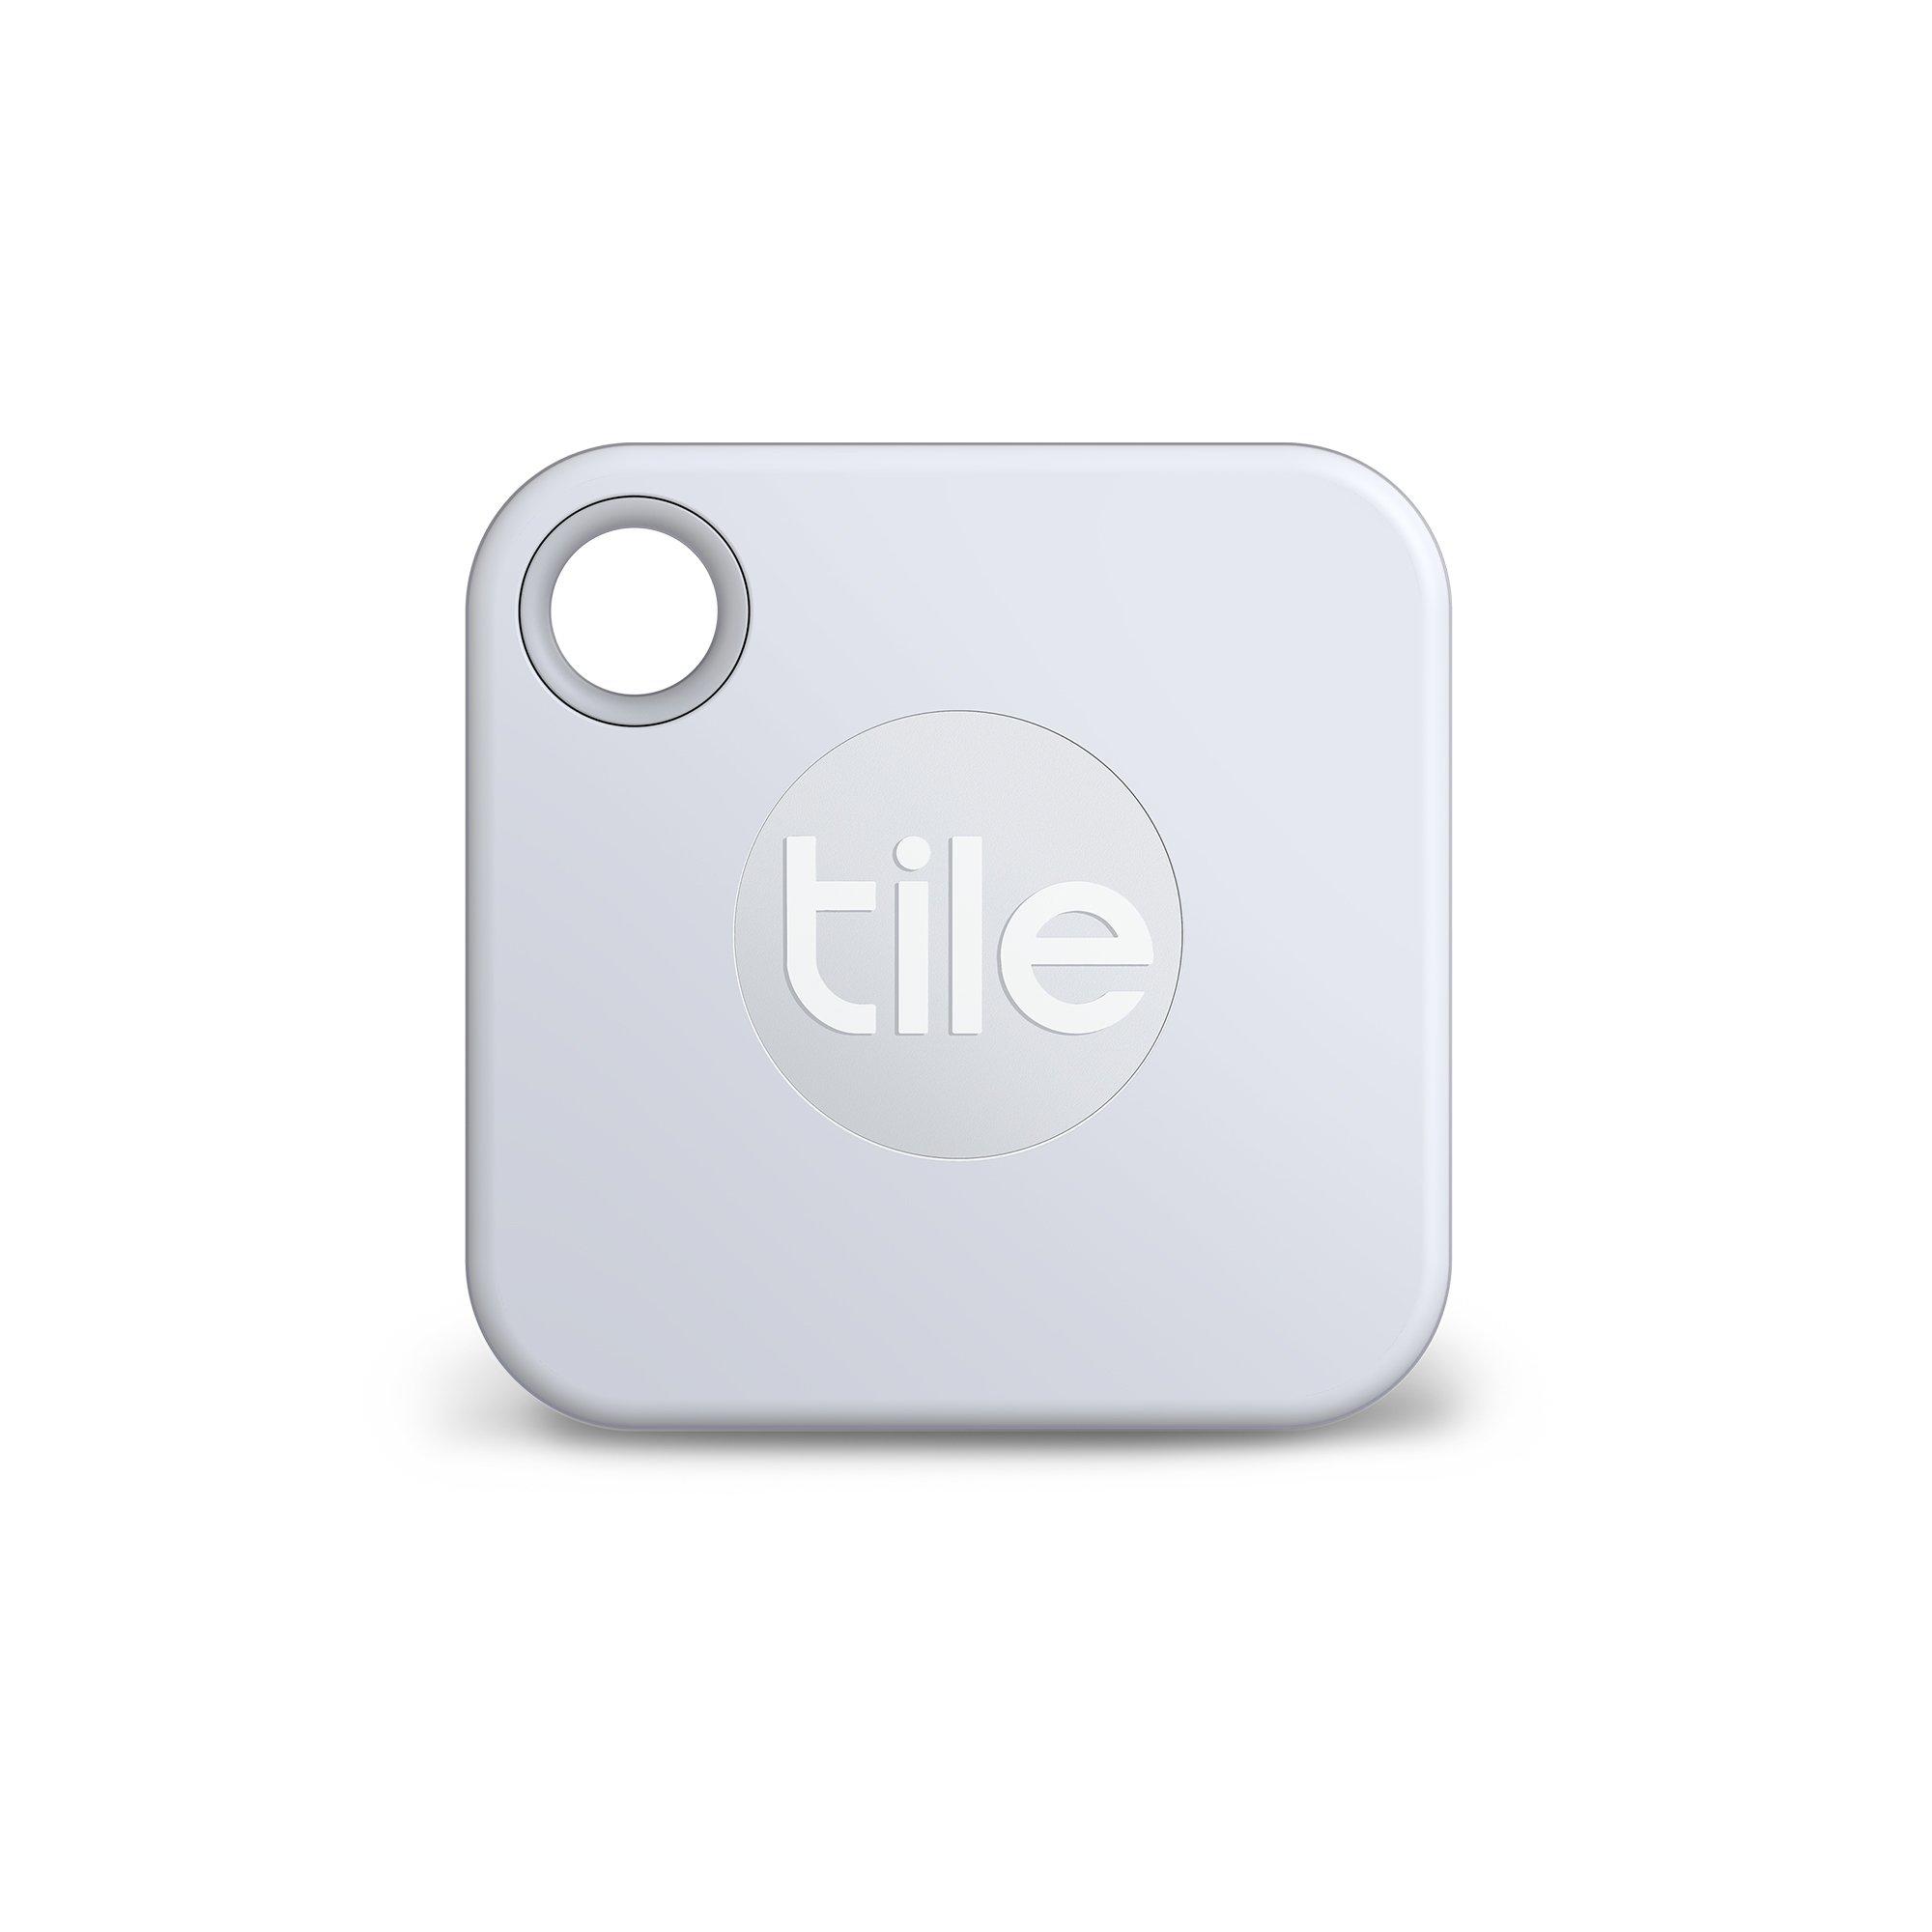 Tile Mate Finder